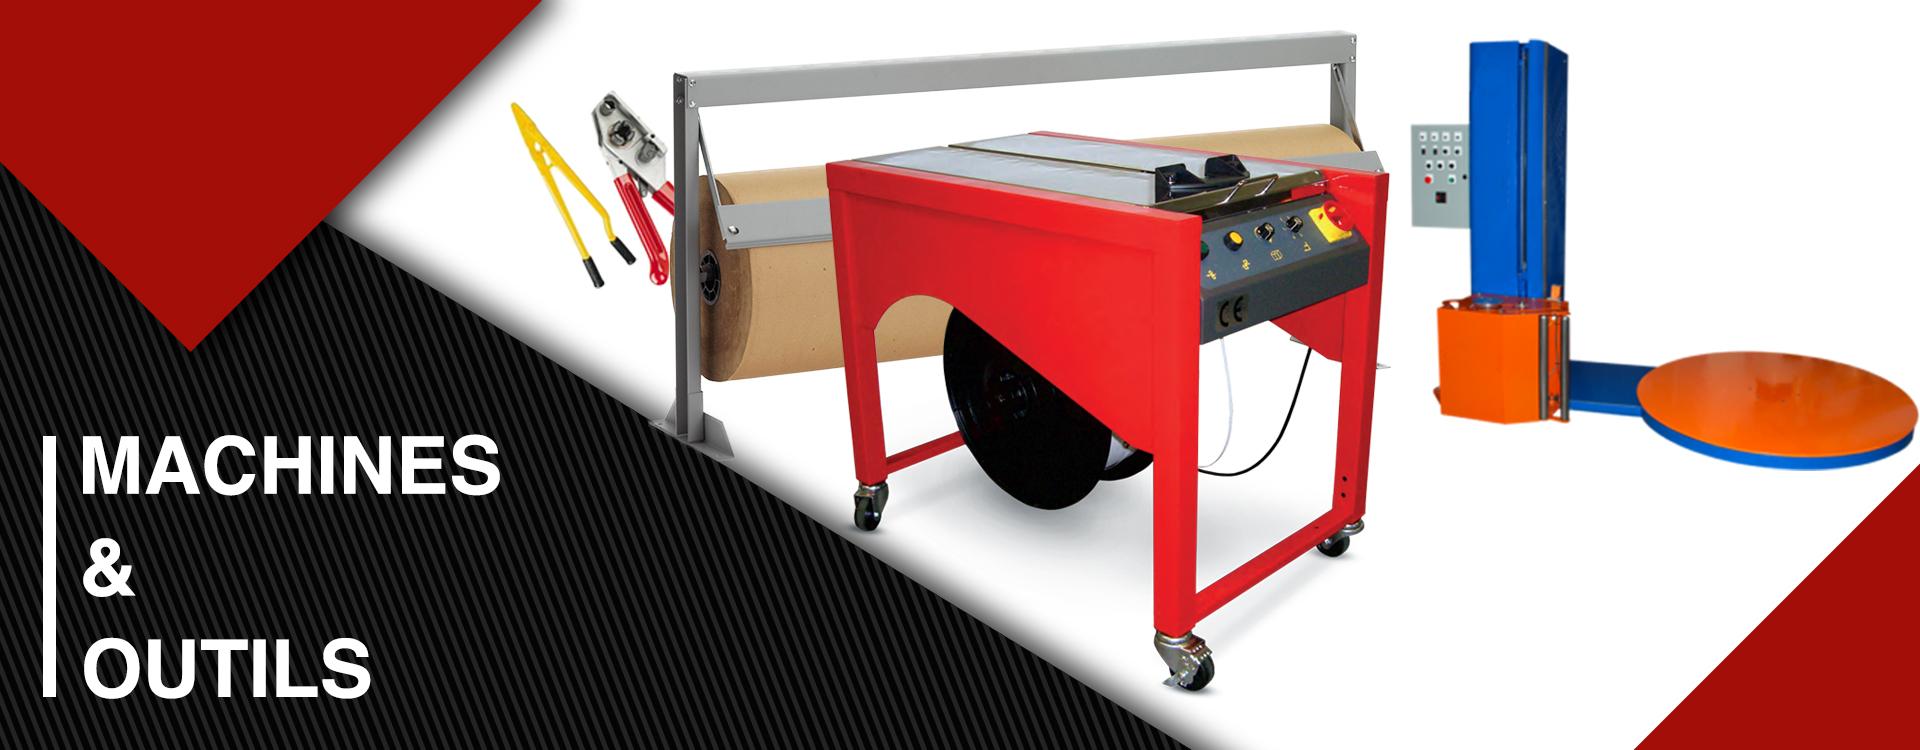 arteau-machines-et-outils-slider-1920×750